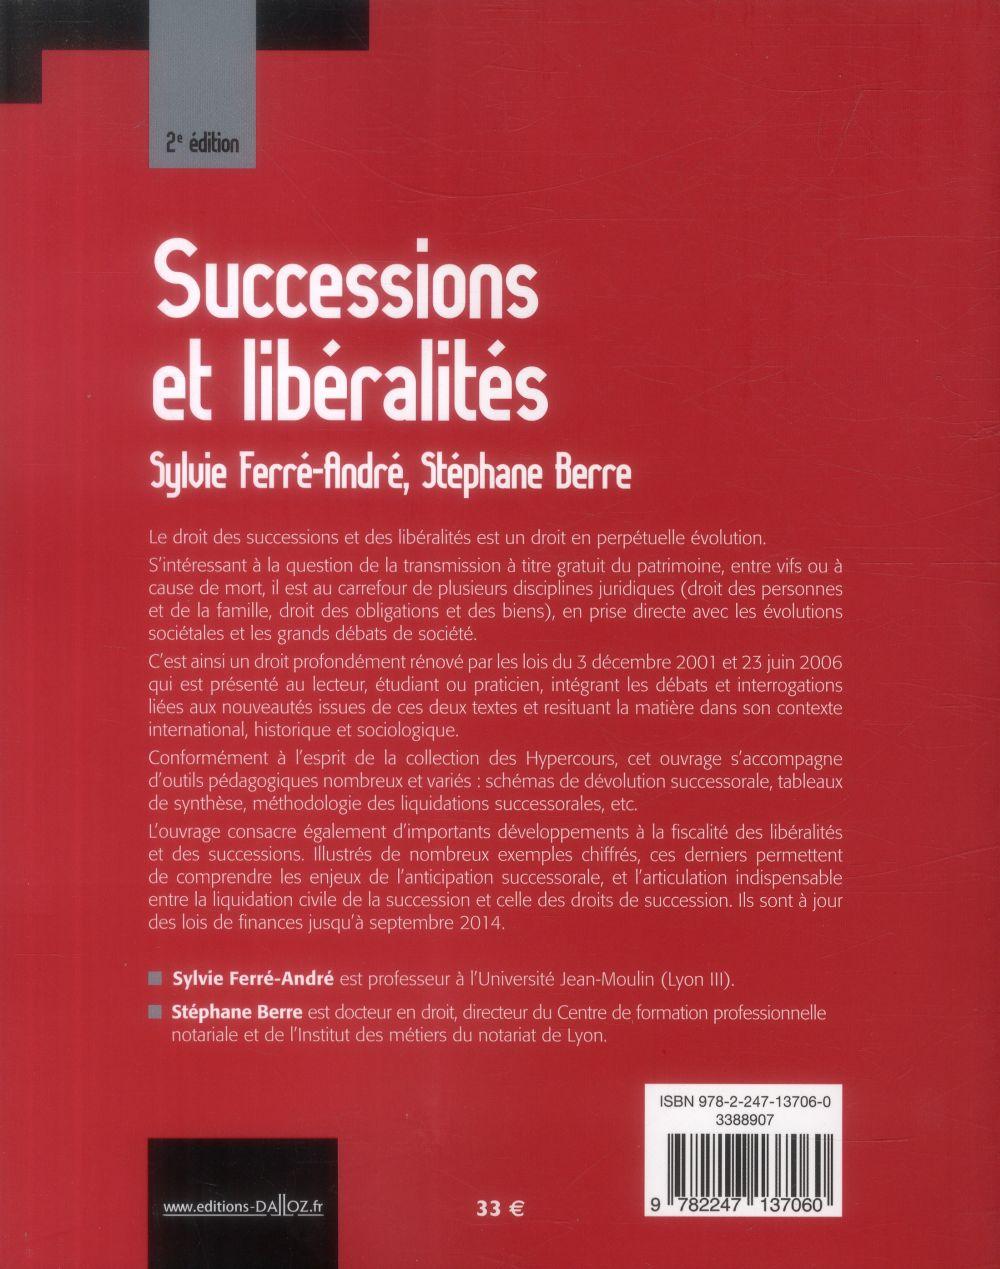 Successions et libéralités (2e édition)